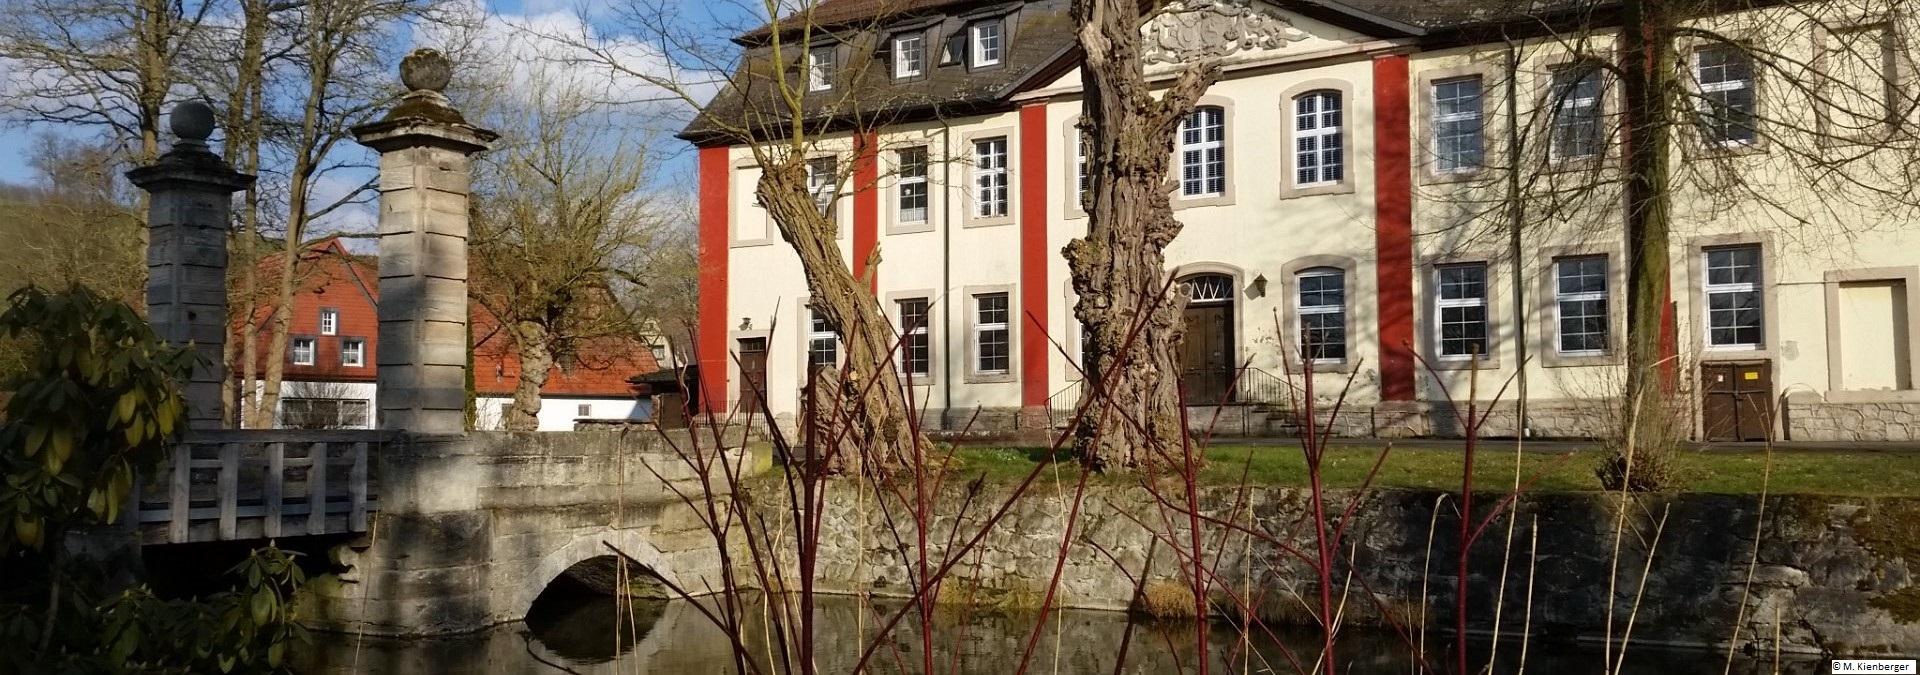 Schloss in Wollershausen